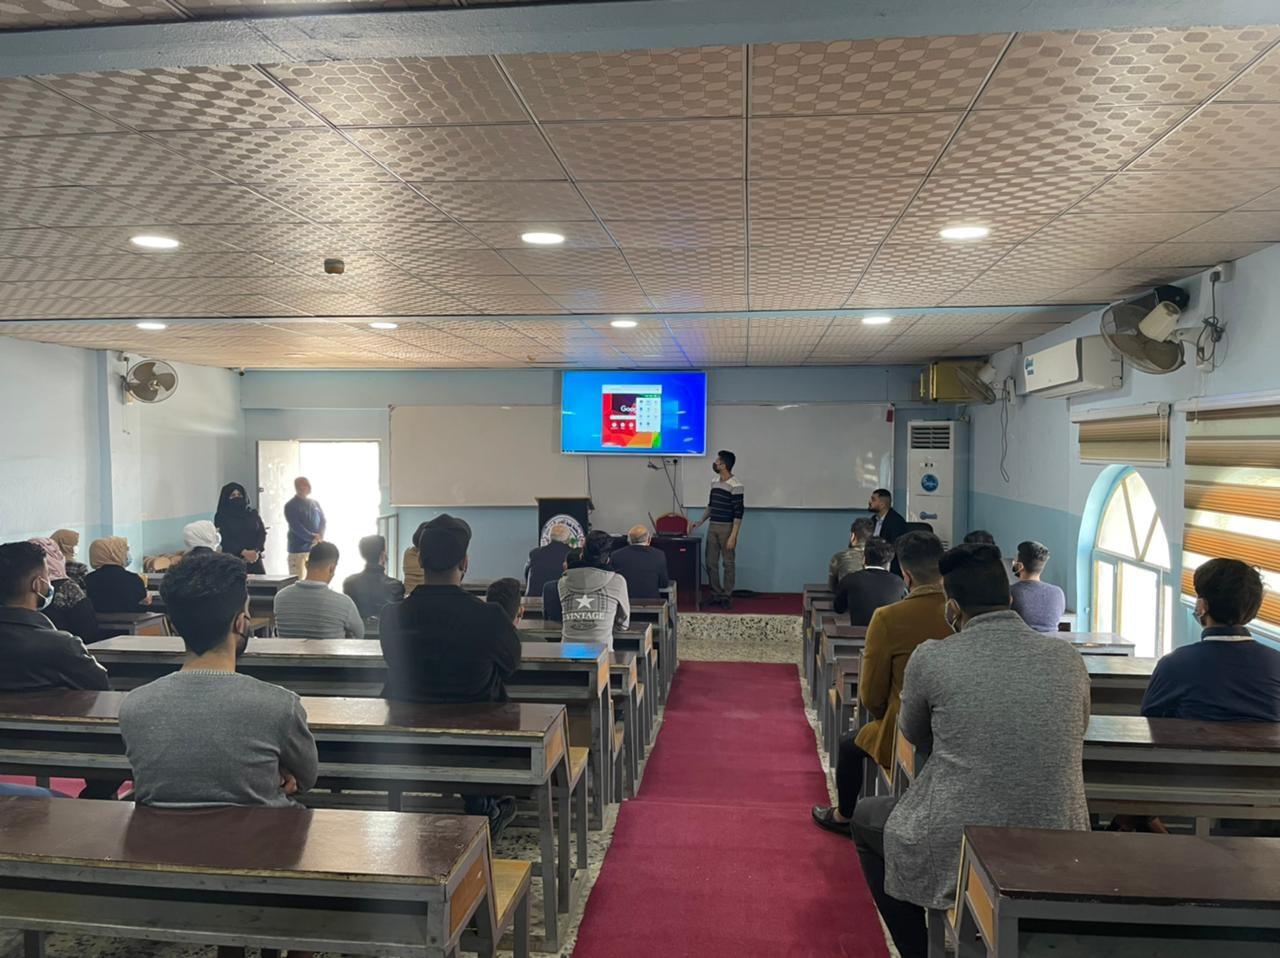 وحدة التطوير و التعليم الالكتروني تنظم ورش إلكترونية تدربية لطلبة المرحلة الاولى في التعليم الالكتروني .